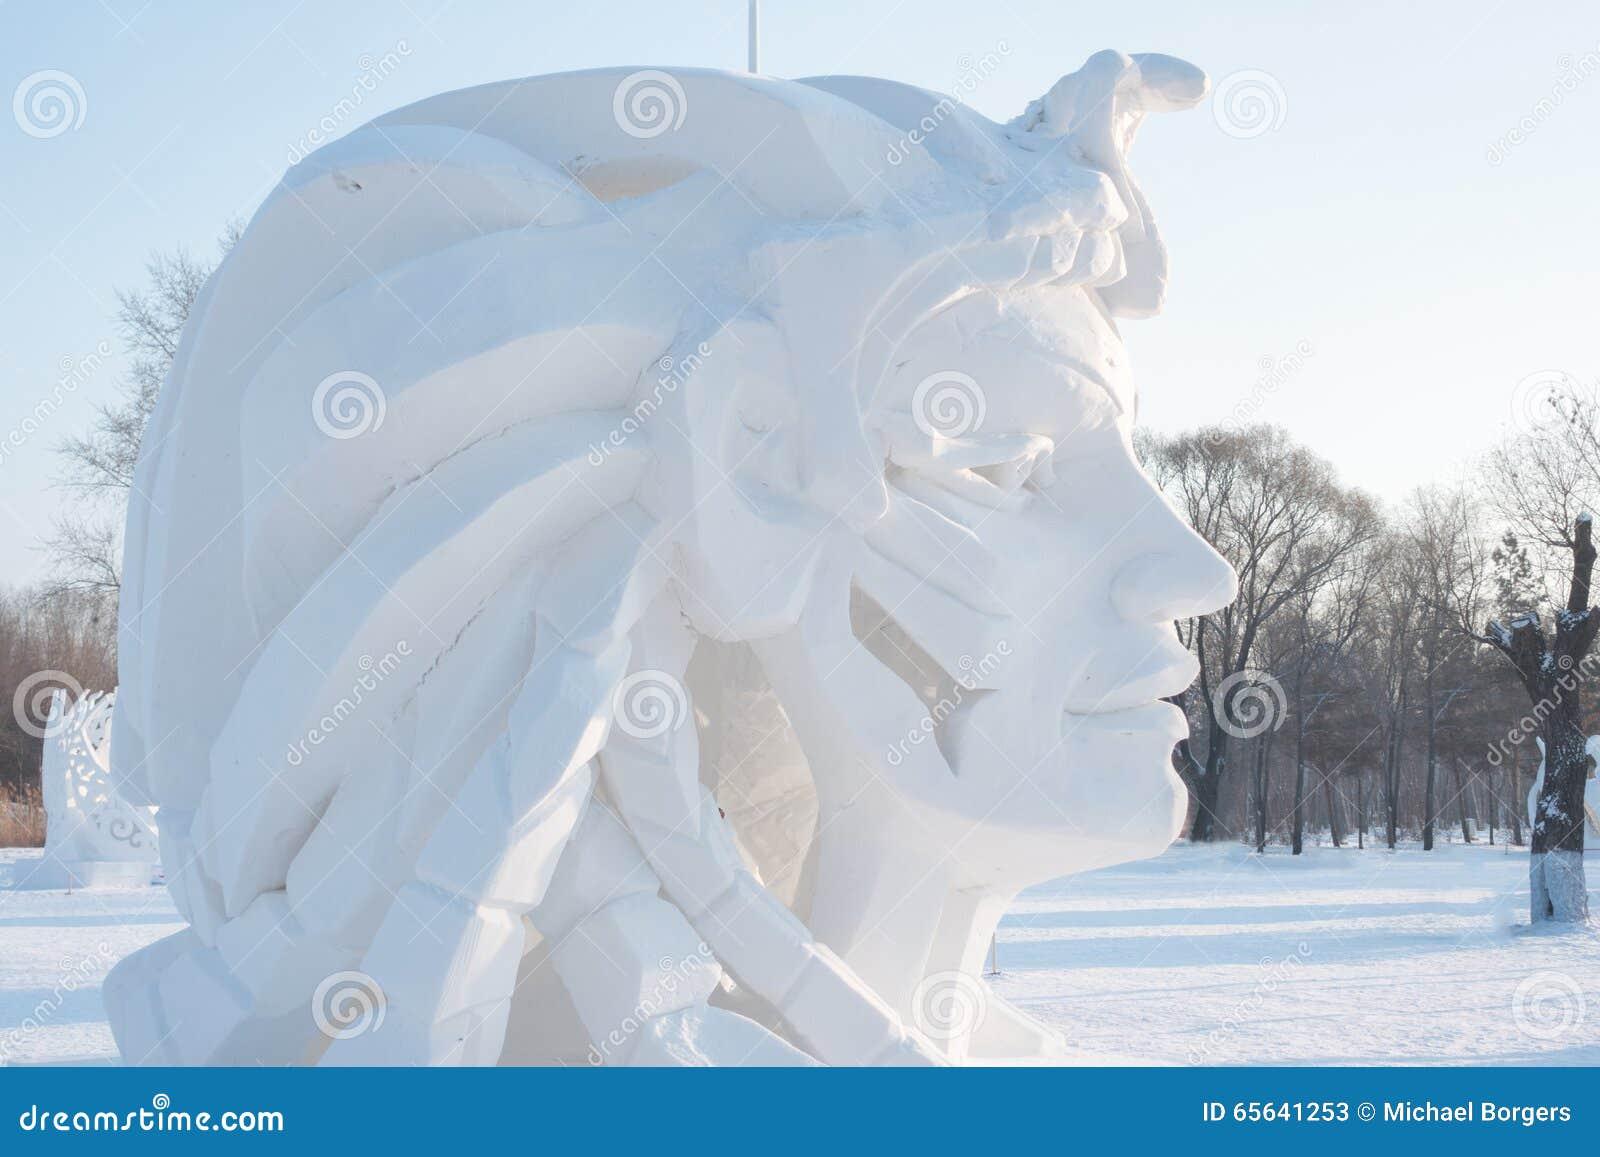 Visage géant avec de longs cheveux faits en neige